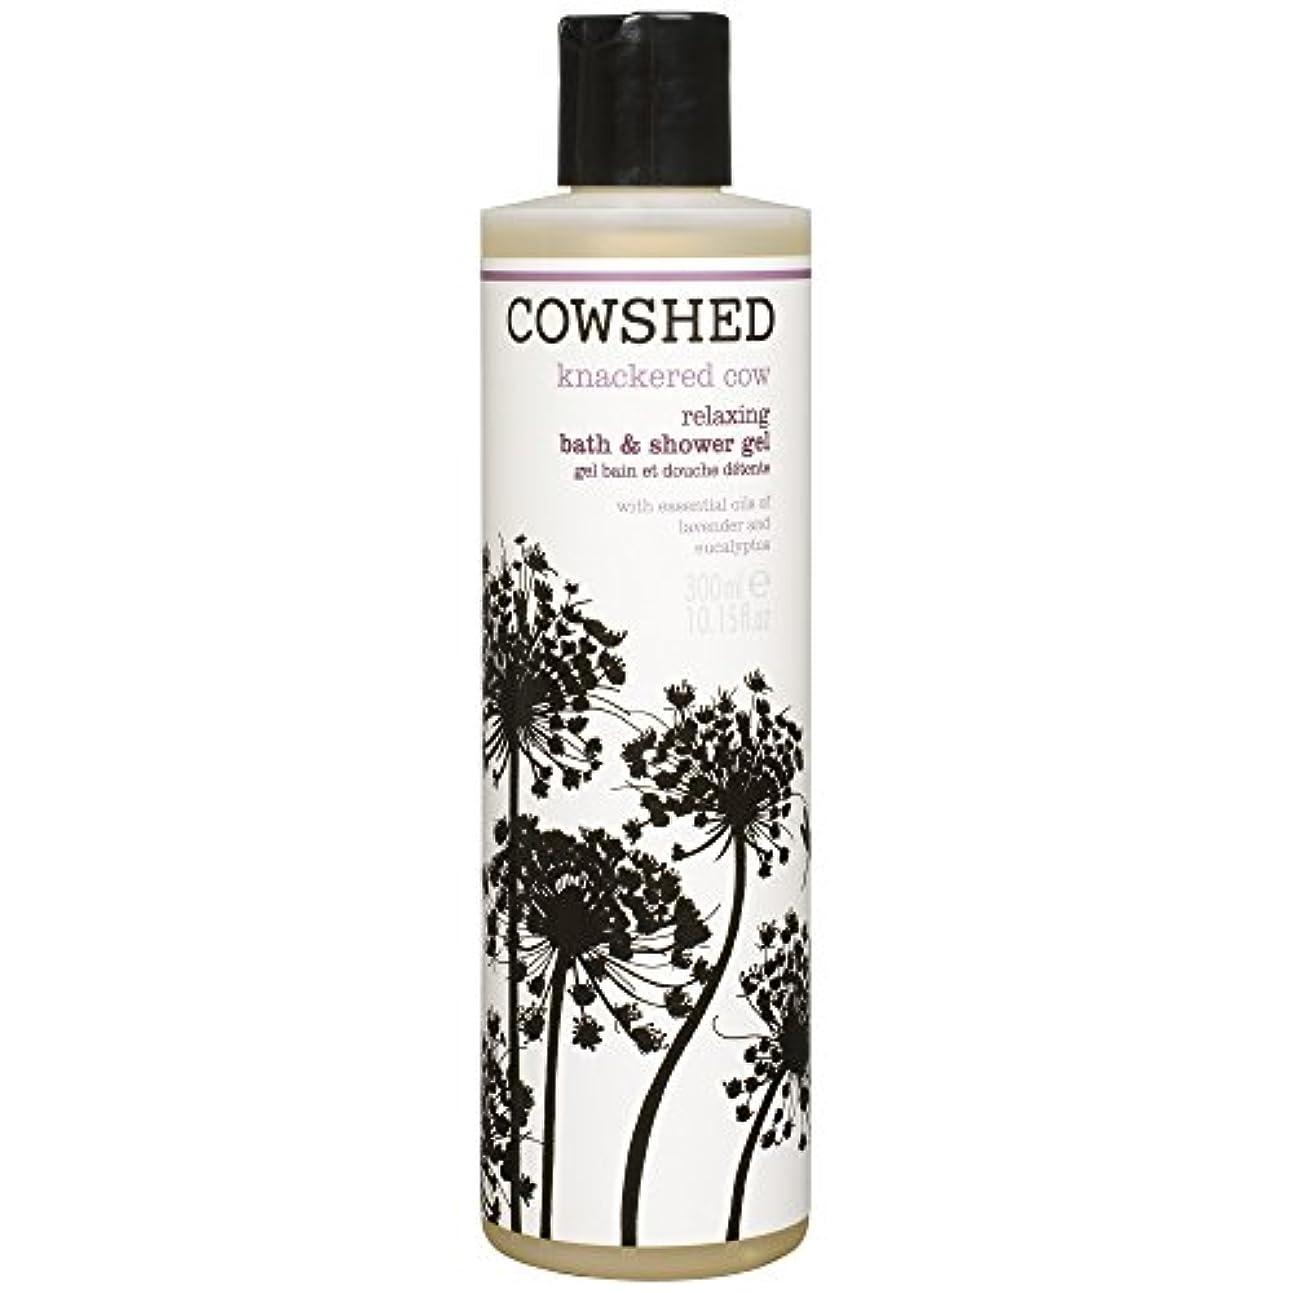 カンガルー家事をするフルーティー牛舎は、バス&シャワージェル300ミリリットルを緩和牛をくたくたに疲れました (Cowshed) - Cowshed Knackered Cow Relaxing Bath & Shower Gel 300ml [並行輸入品]